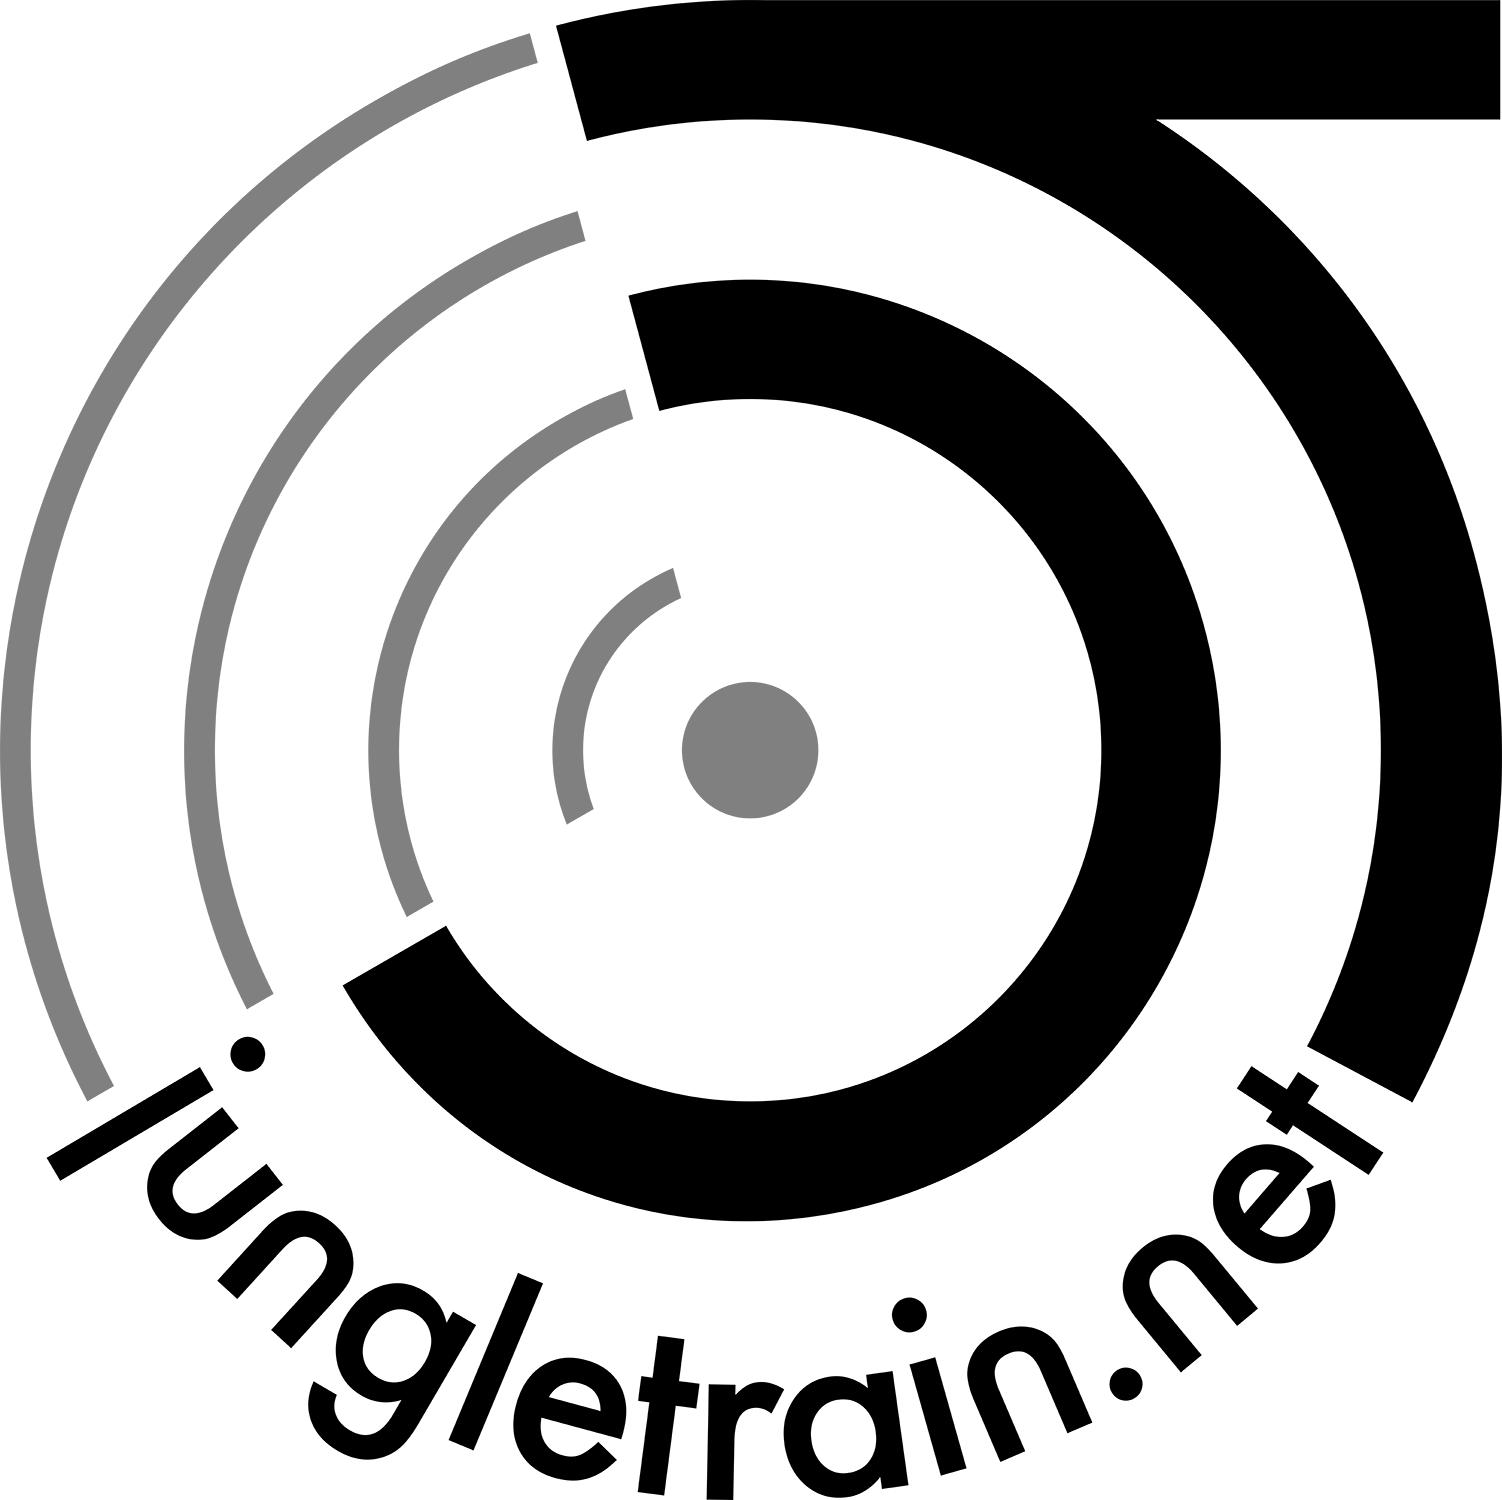 jungletrain.net/home